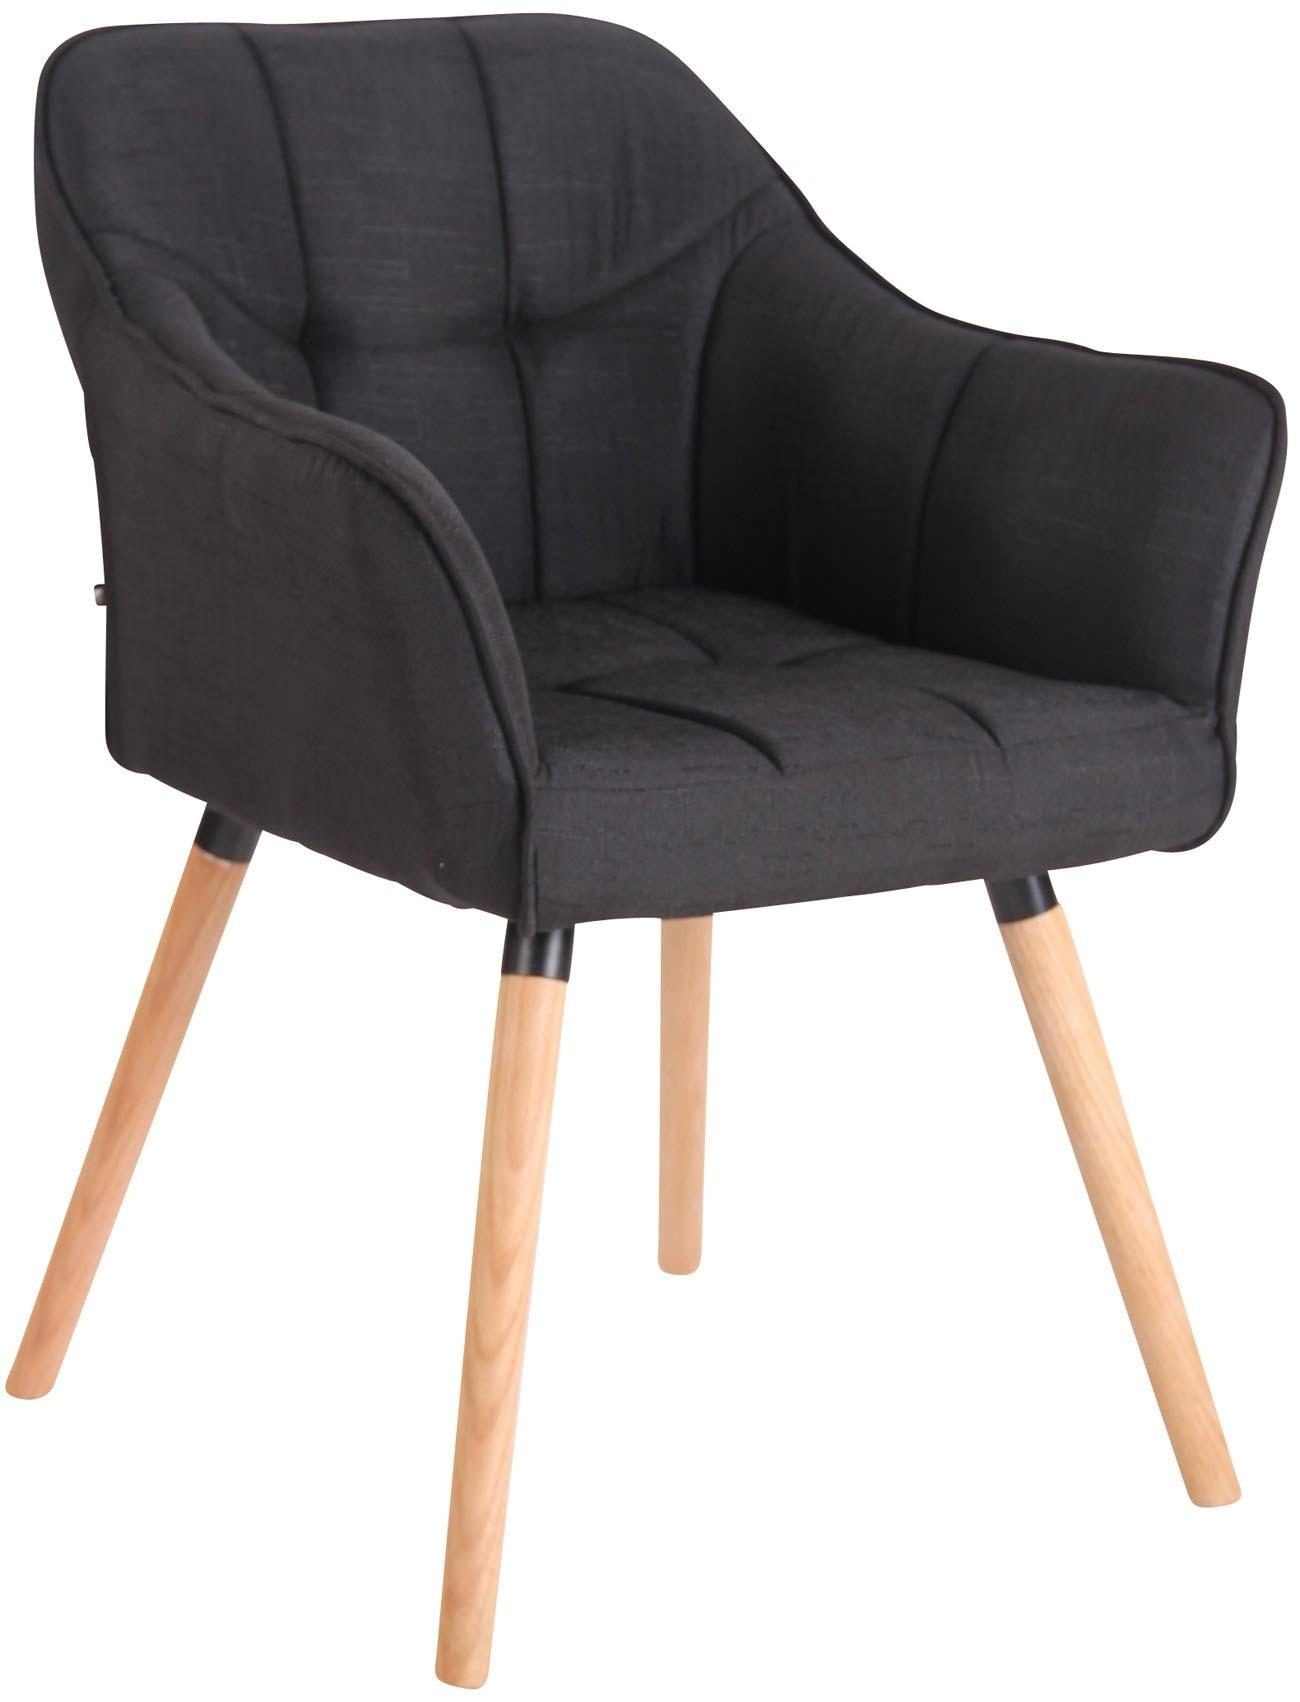 Chaise de salle à manger Falun en tissu